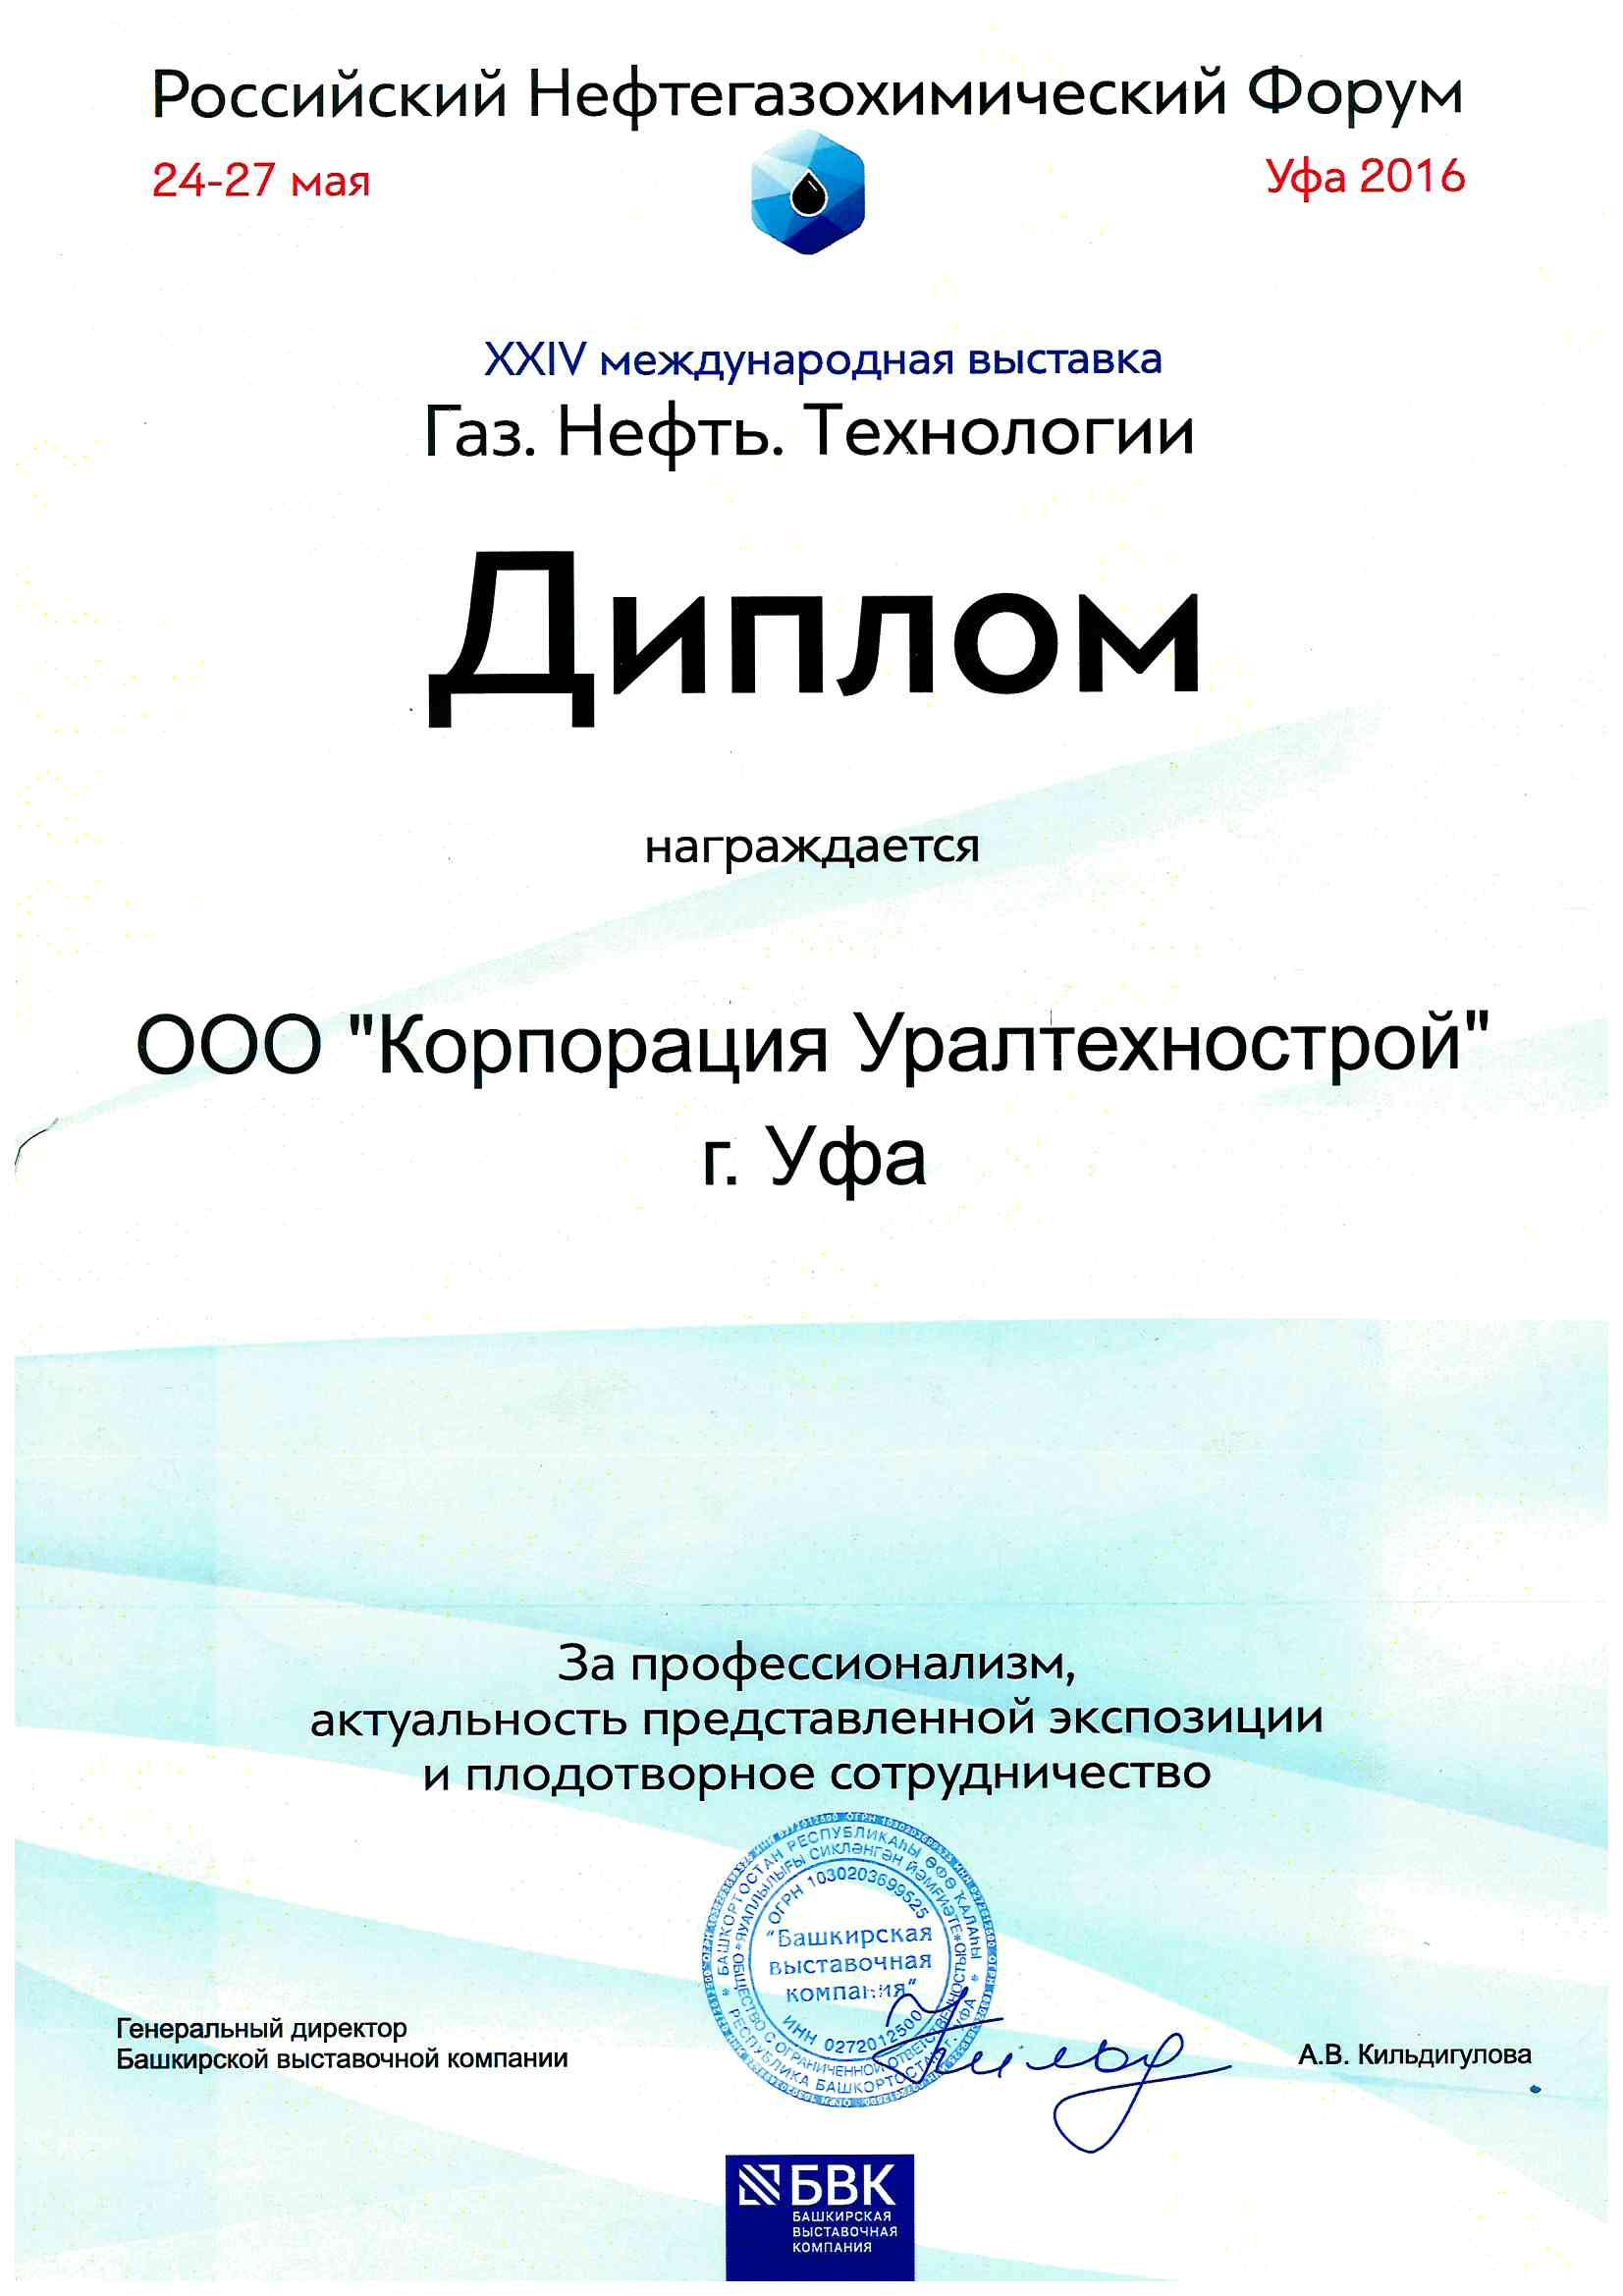 Дипломы и награды Диплом за участие в выставке Газ Нефть Технологии г Уфа